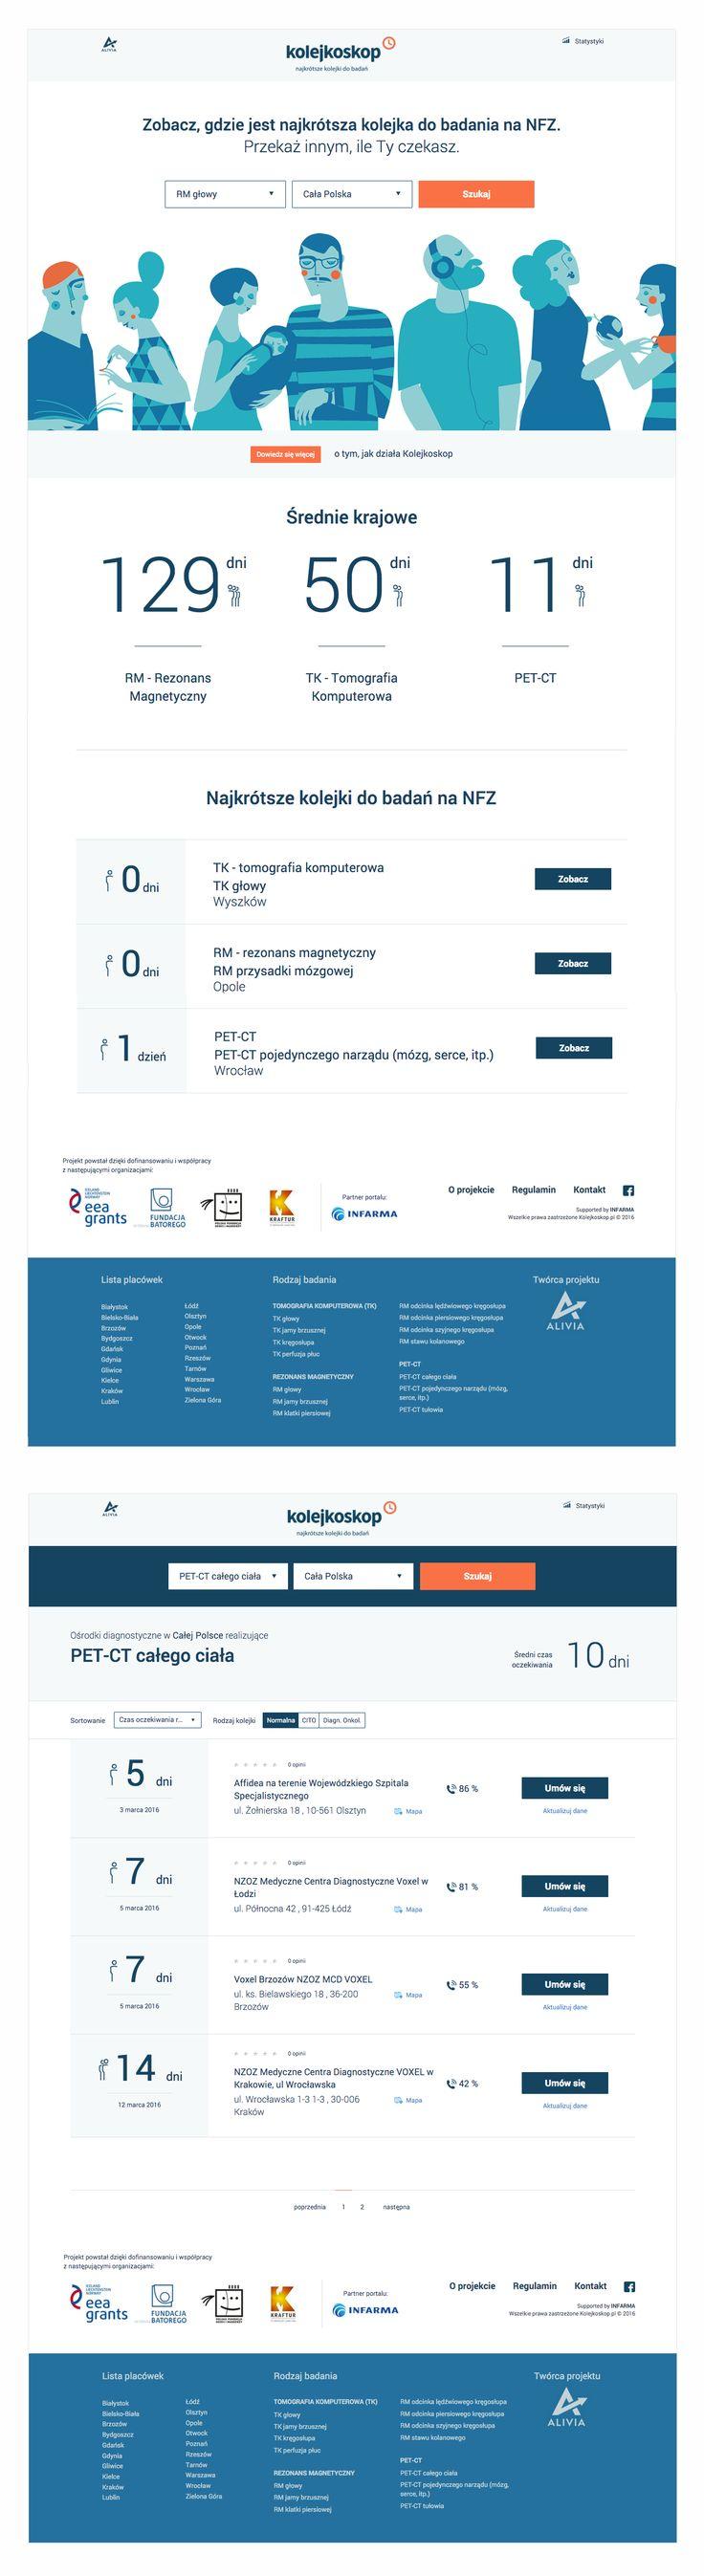 Kolejkoskop website